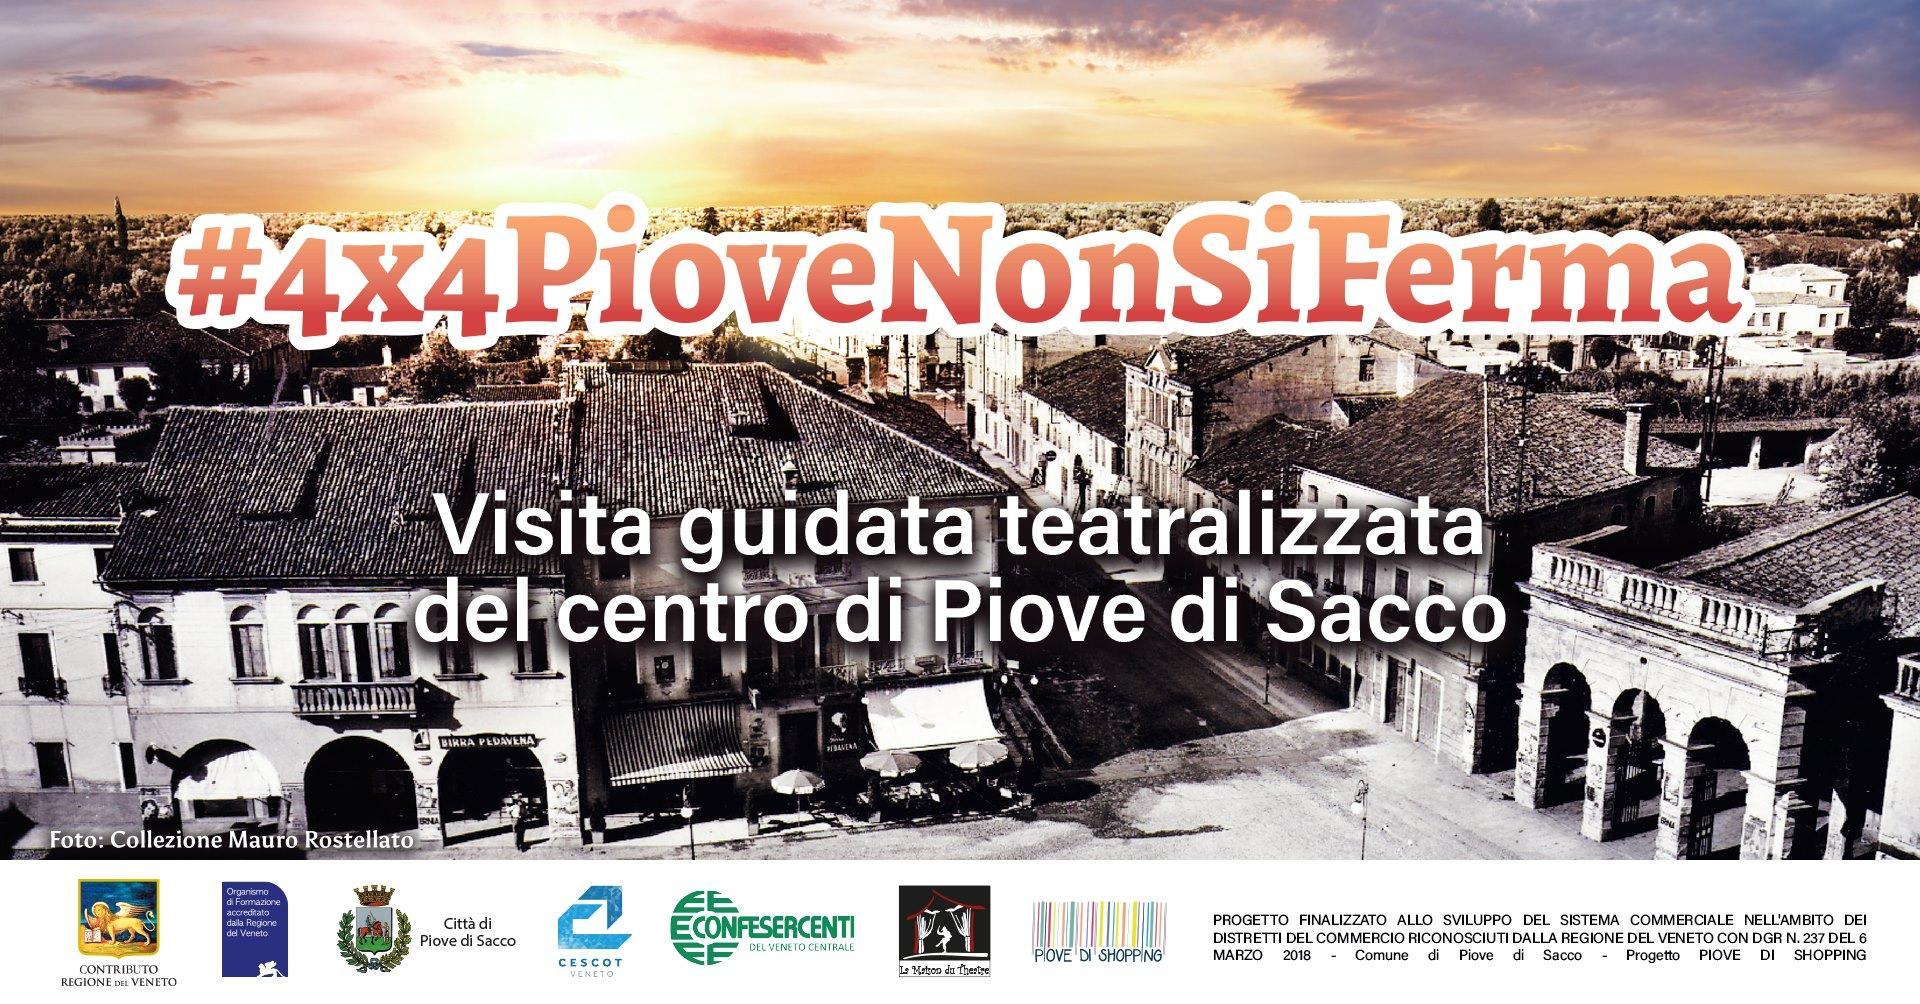 Confesercenti Veneto Centrale, Piove di Sacco: Percorso Animato Teatralizzato